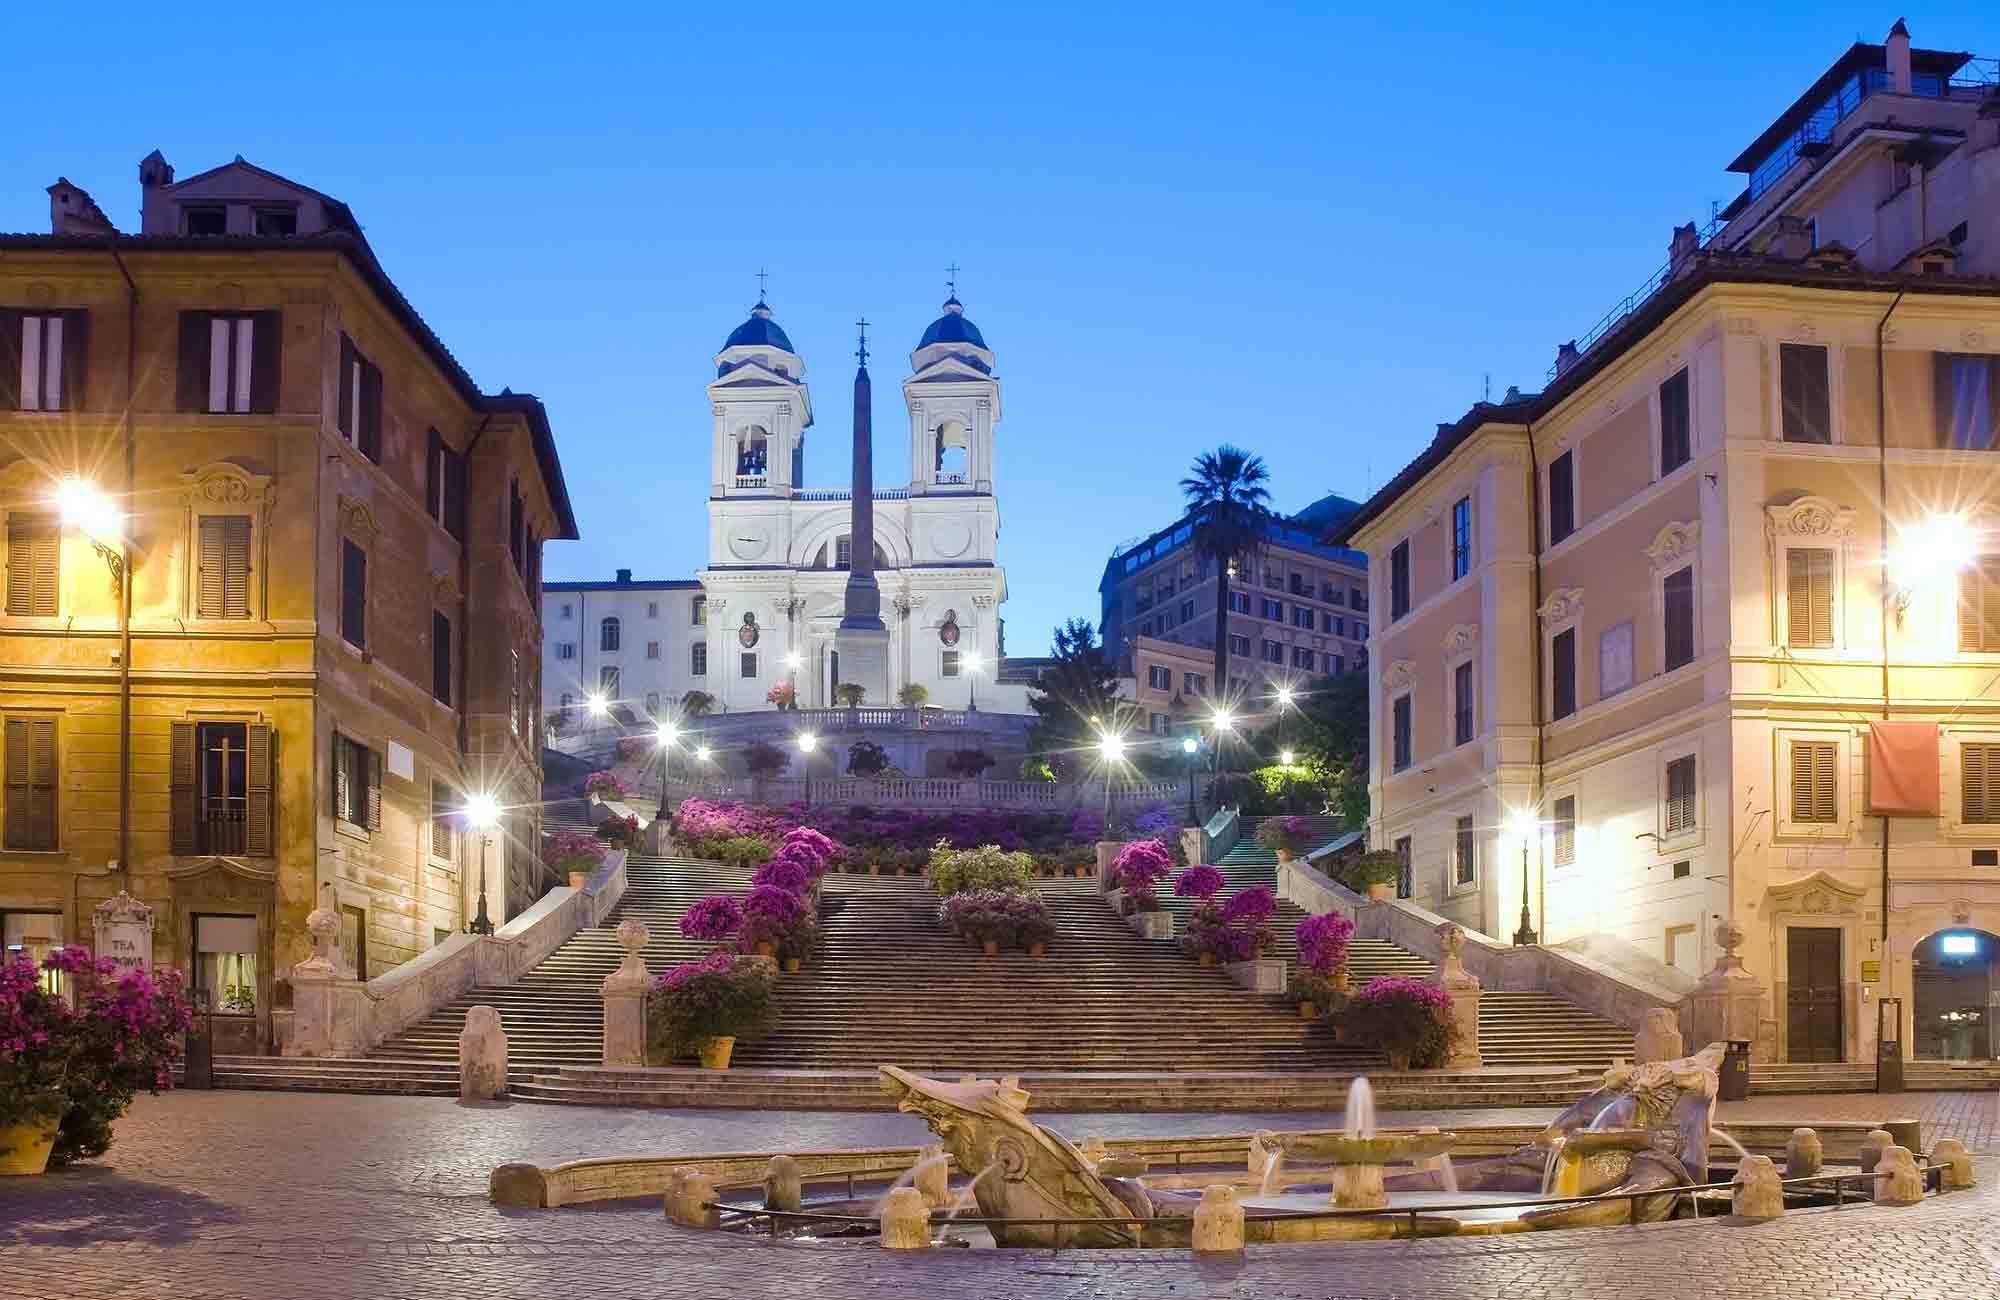 Voyage Italie - Rome place d'Espagne - Amplitudes